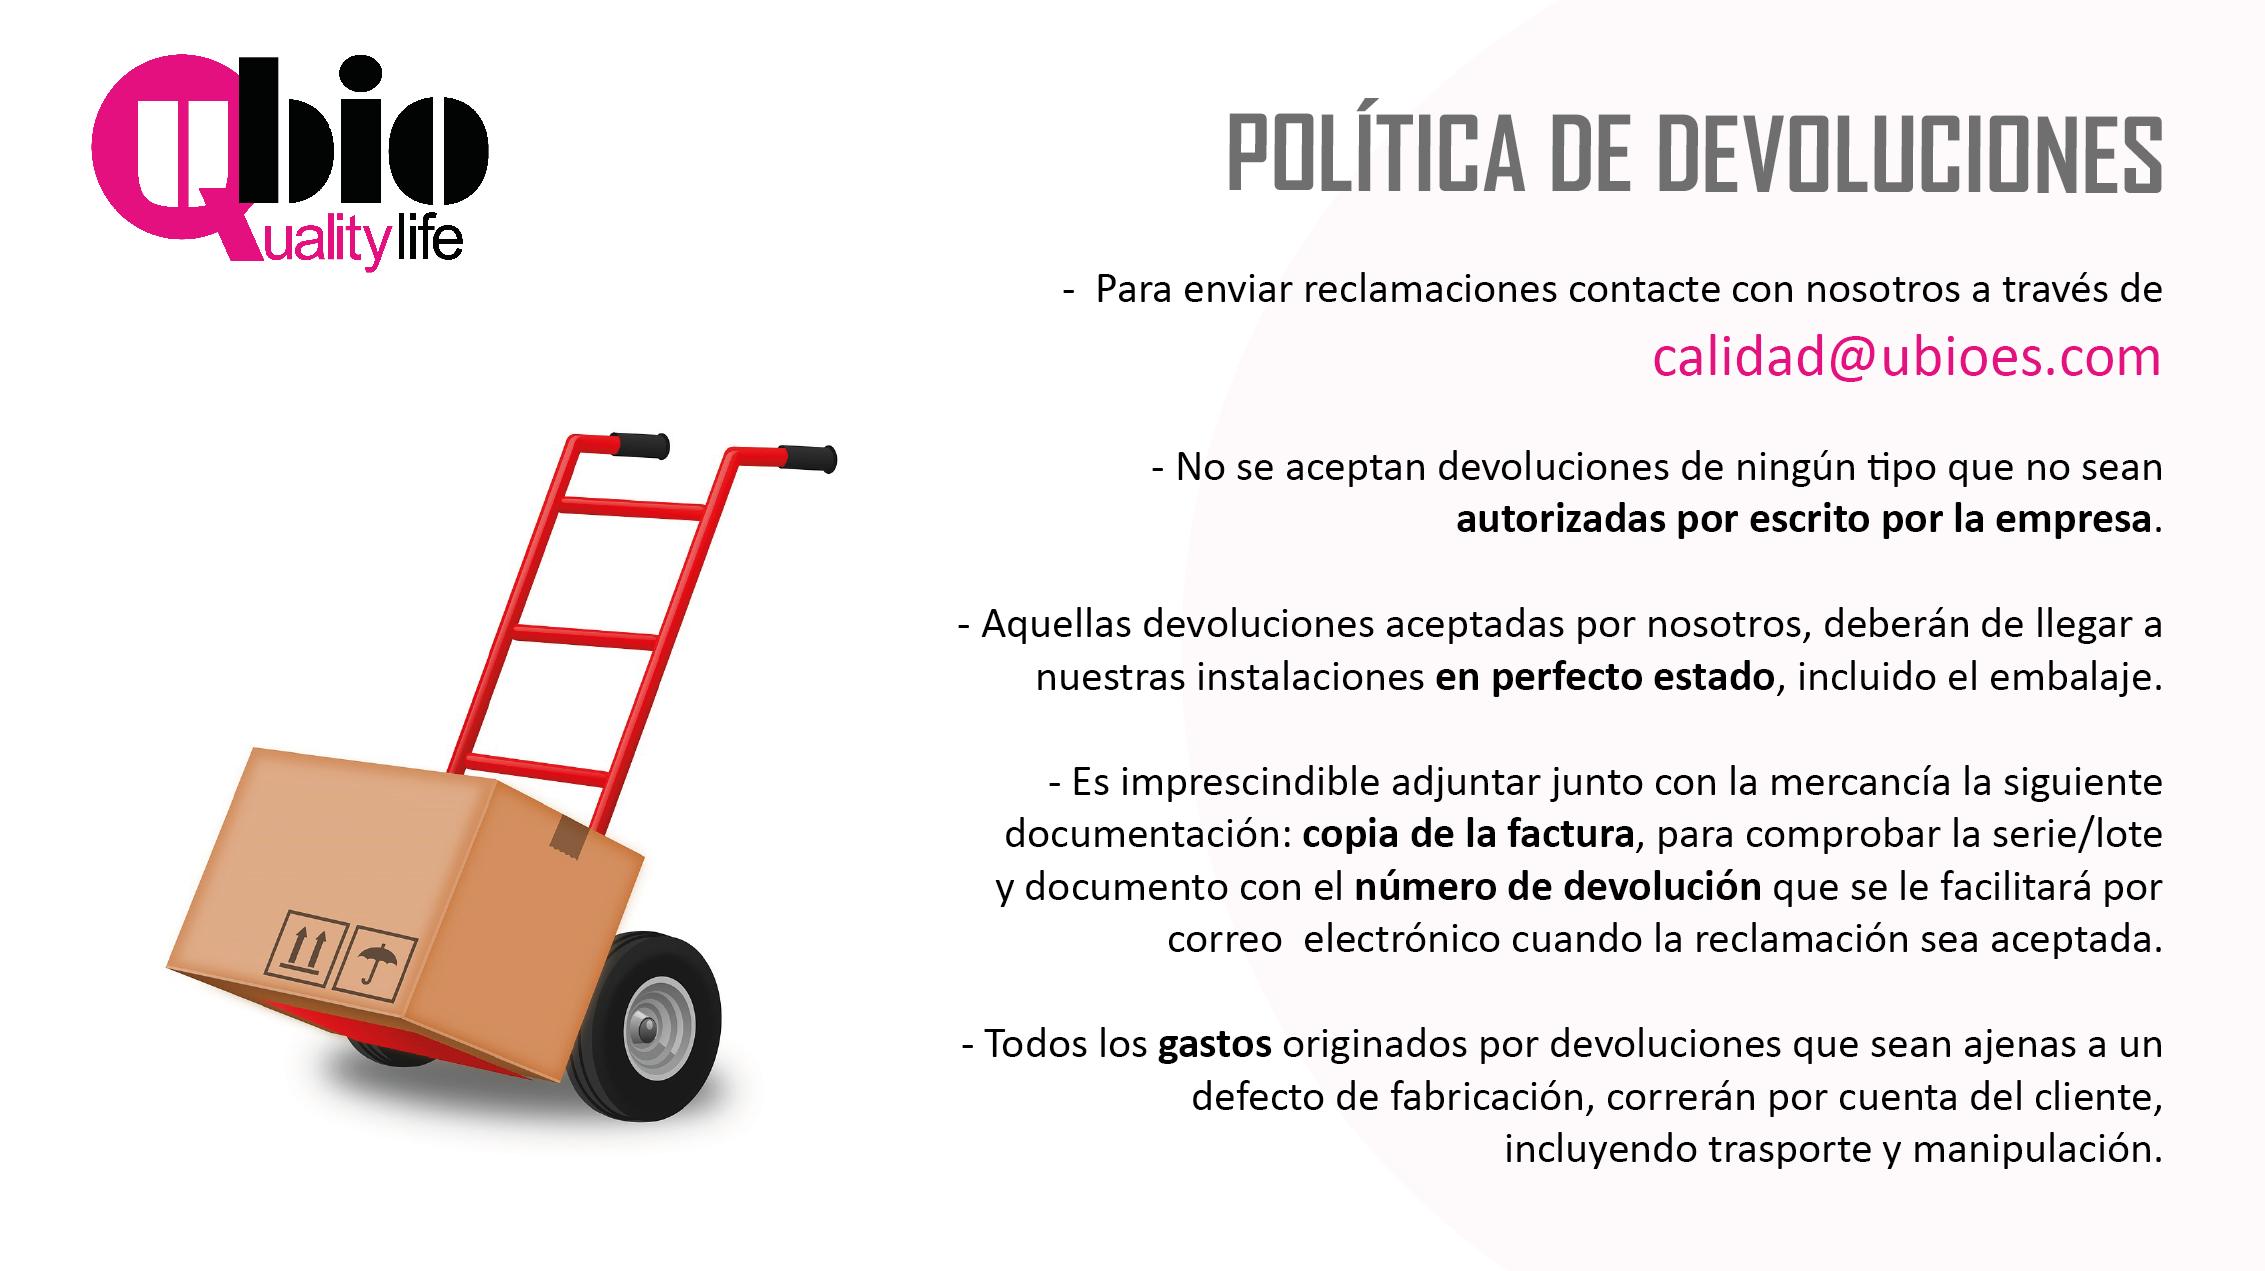 Politica Devoluciones